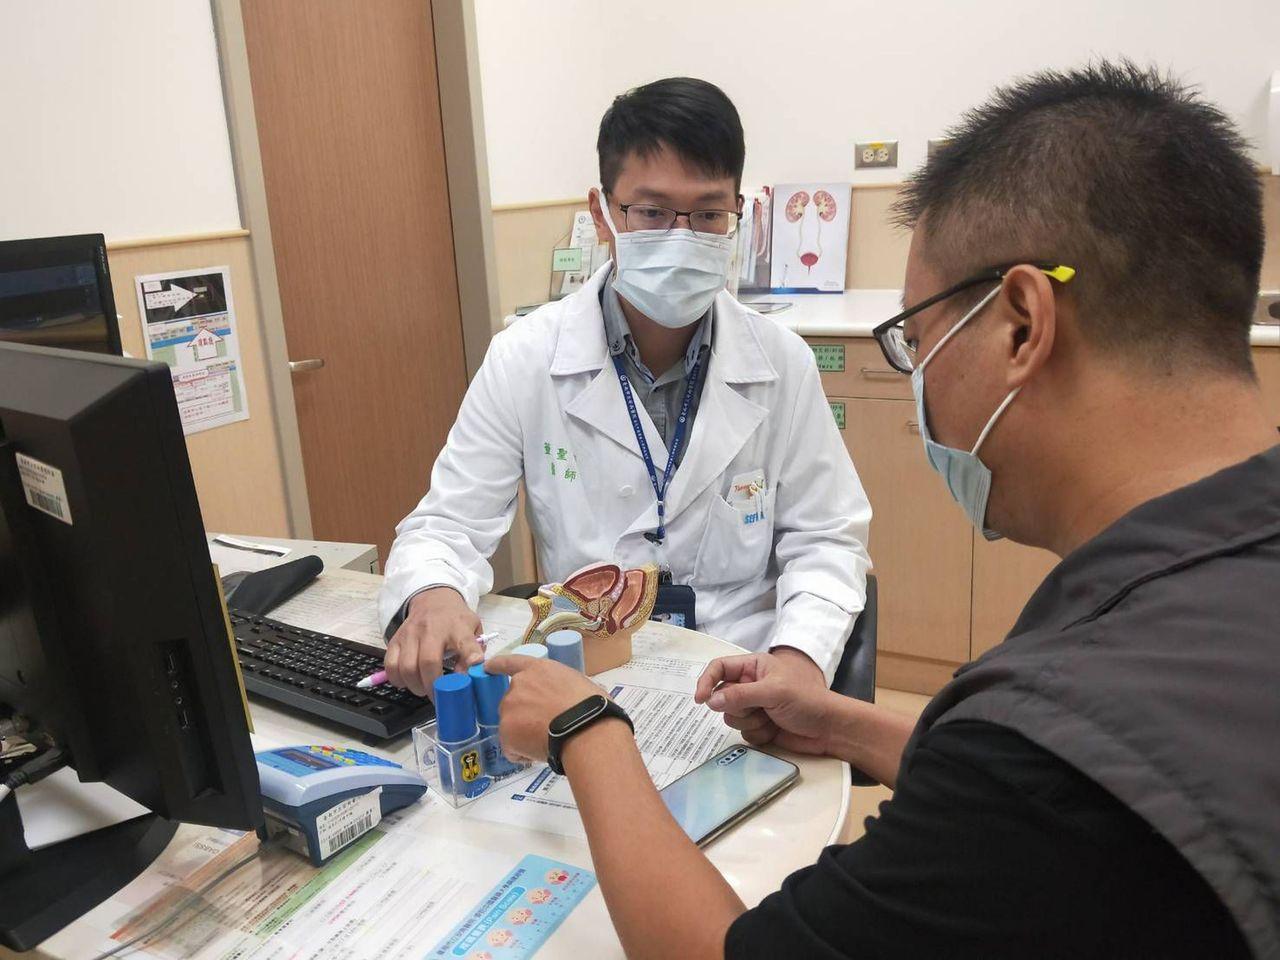 安南醫院泌尿科主治醫師董聖雍說,新冠病毒也可能對泌尿系統、生殖器官造成傷害。 圖...